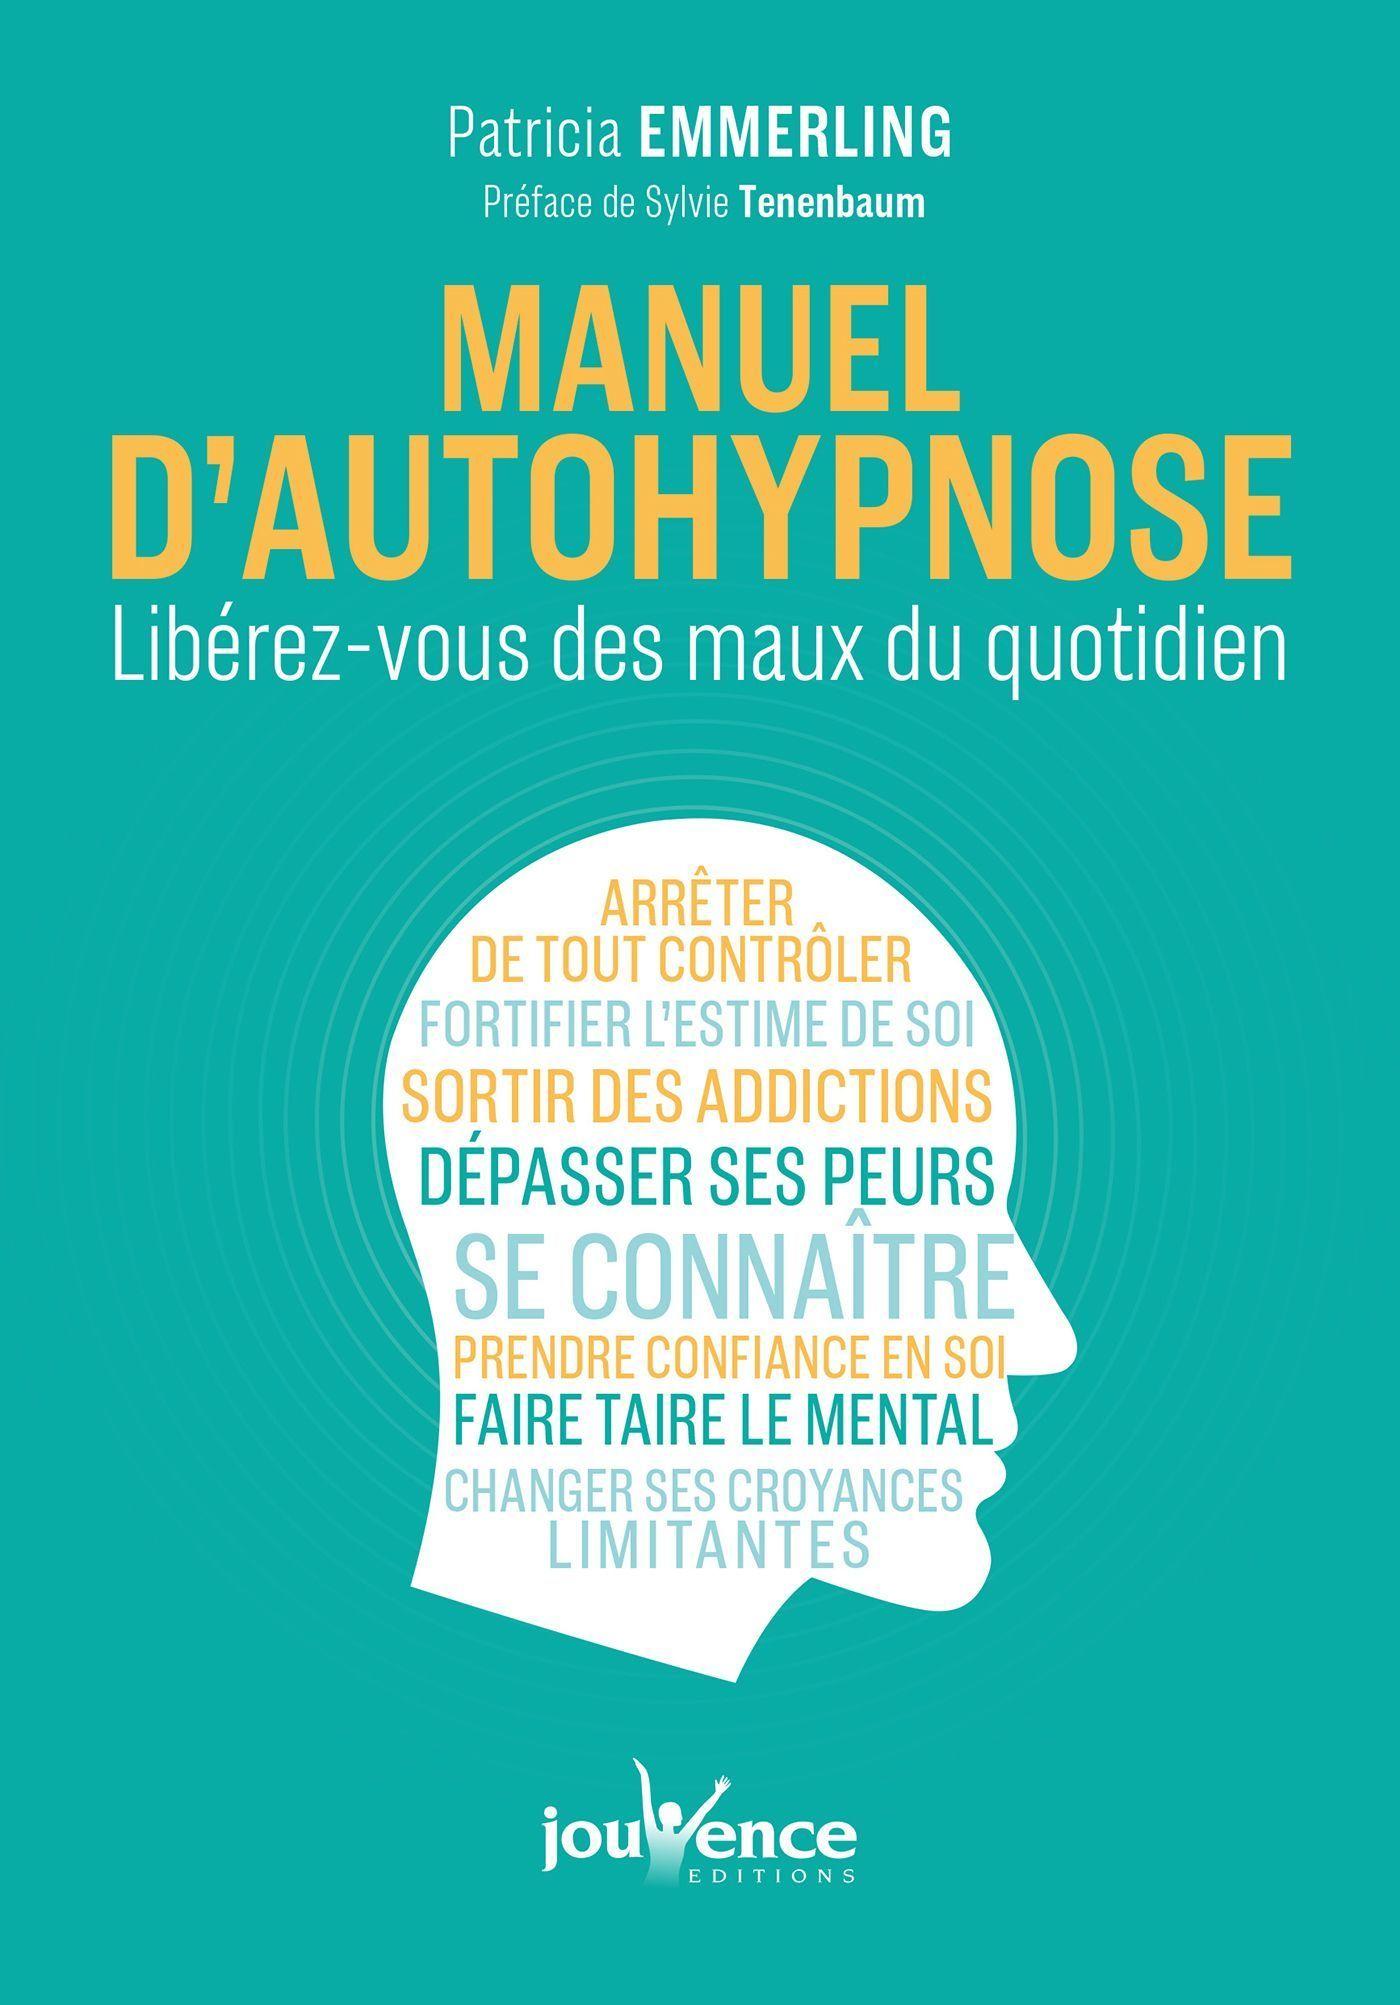 MANUEL D'AUTOHYPNOSE